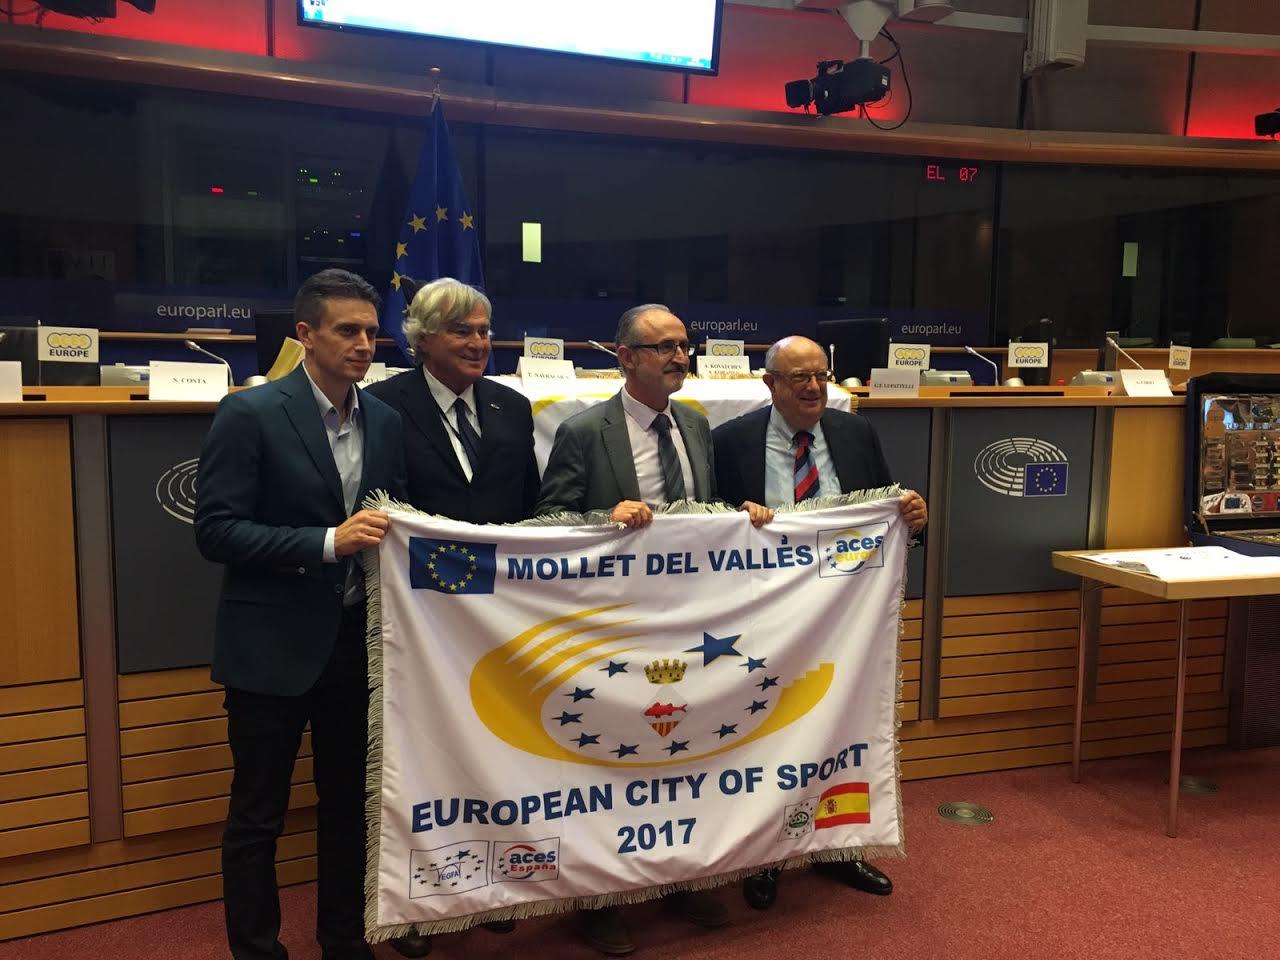 La bandera es va lliurar aquest dimecres al Parlament Europeu